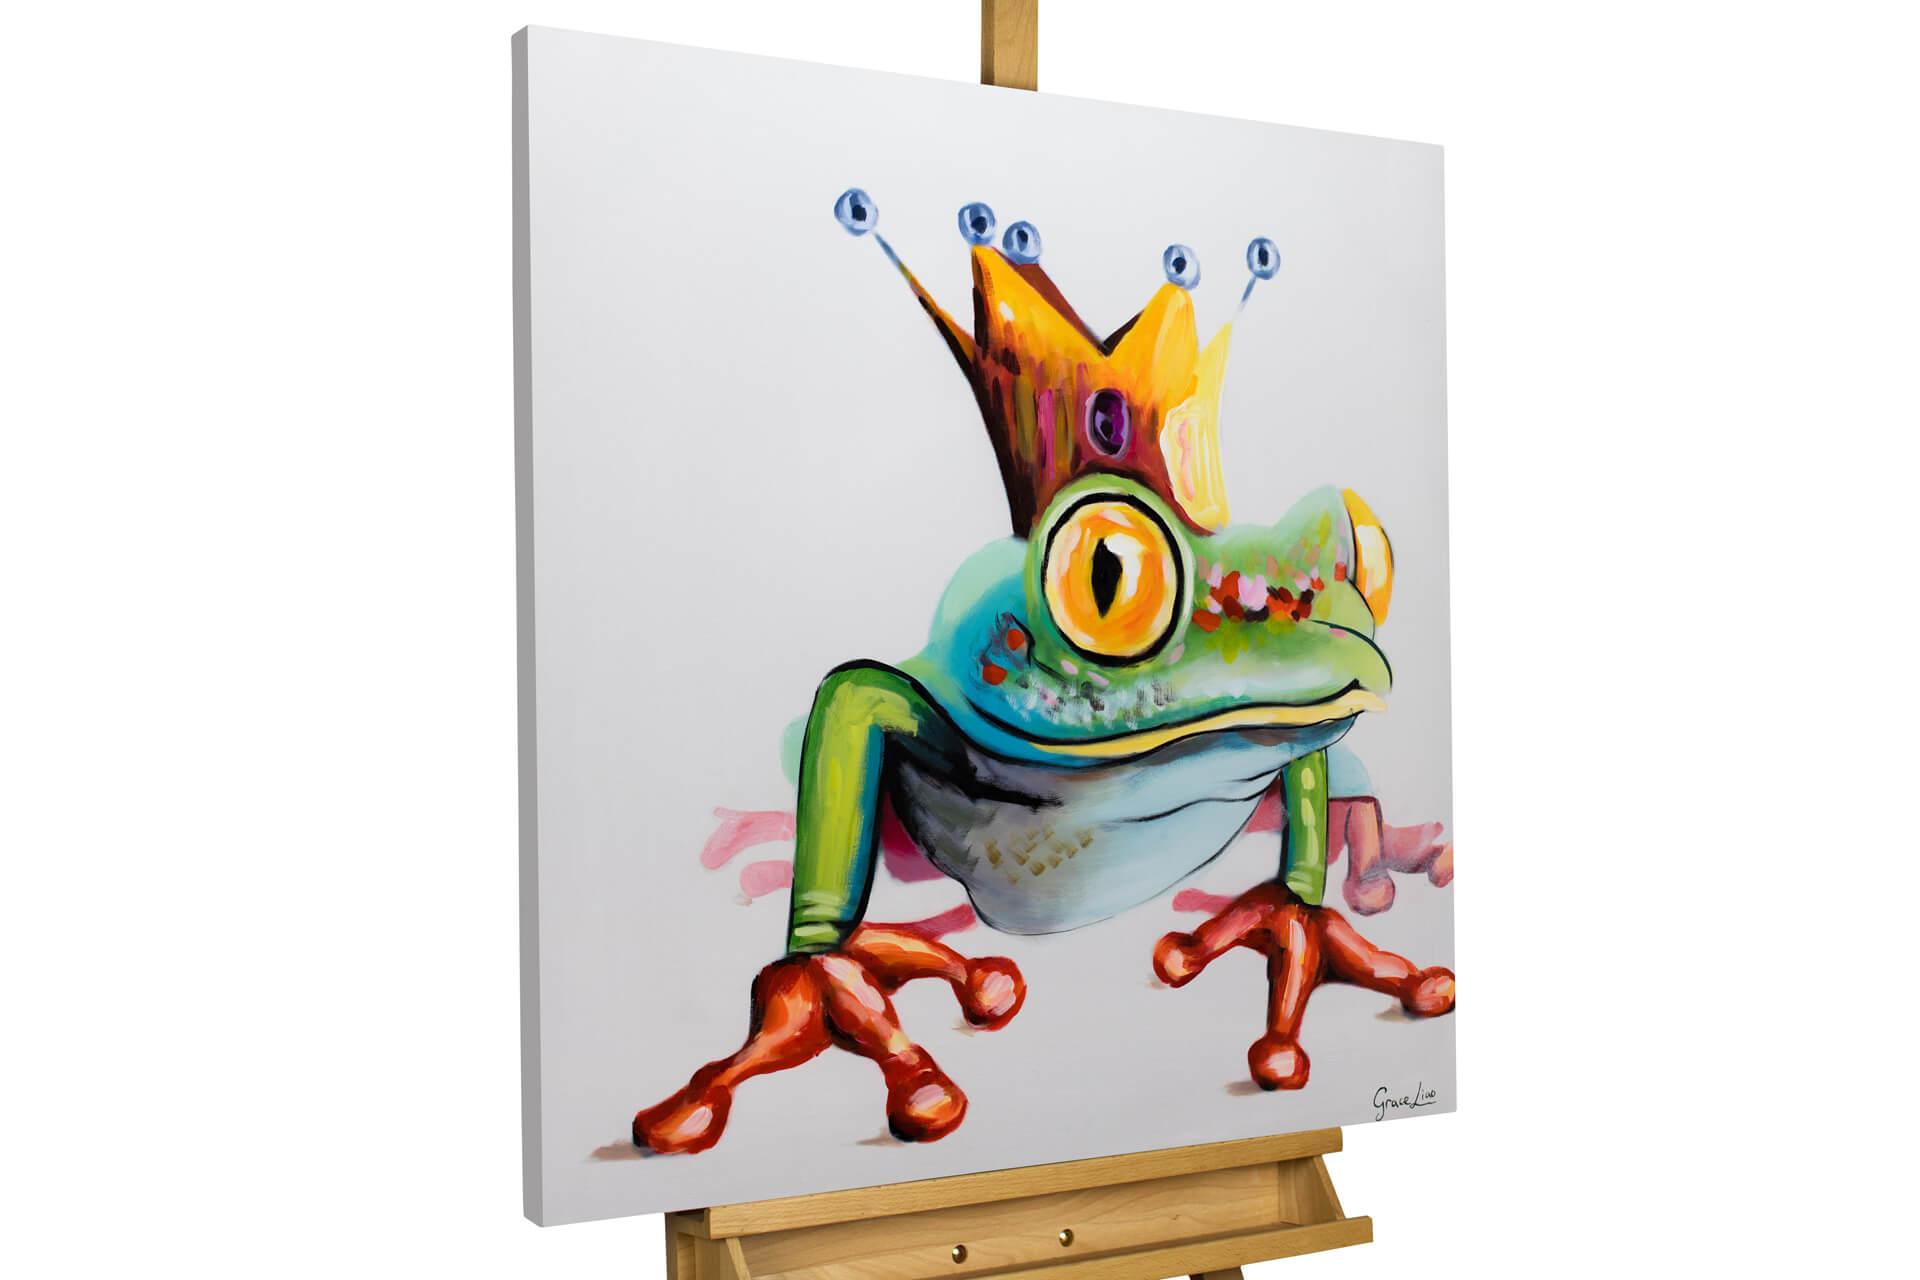 kl frosch tier froschkoenig krone modern acryl gemaelde oel bild 02